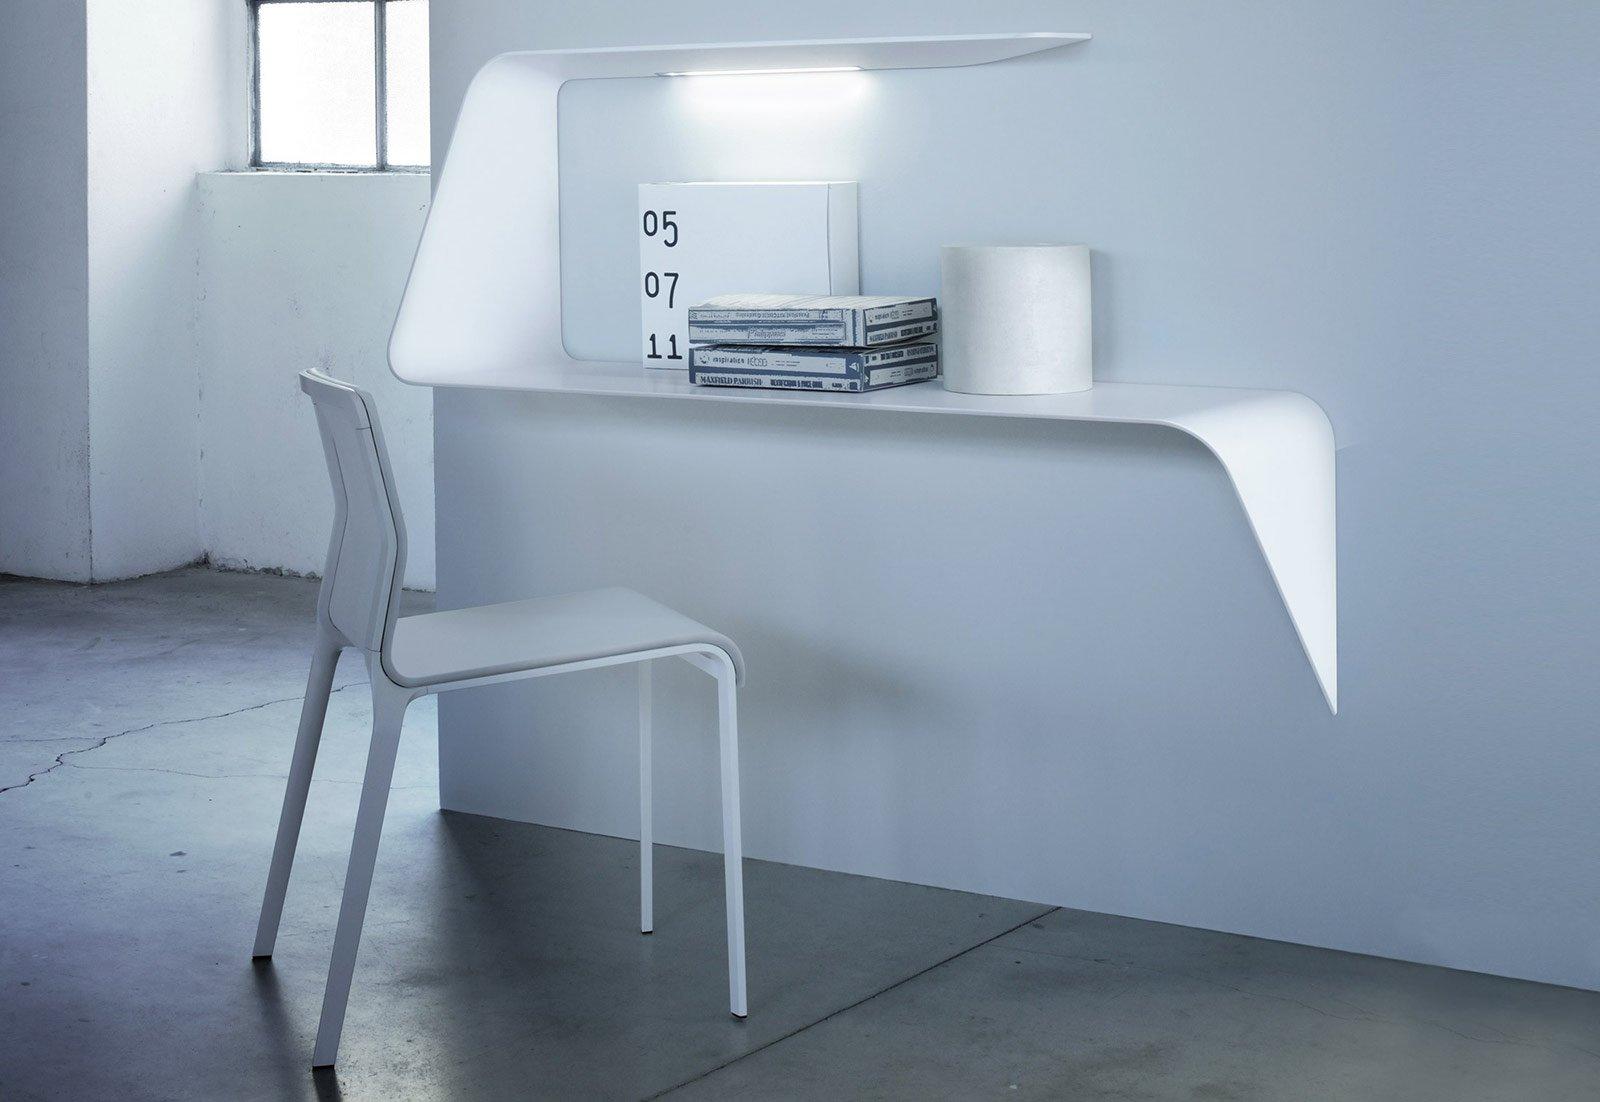 Console per sfruttare bene lo spazio cose di casa for Consolle scrivania moderna